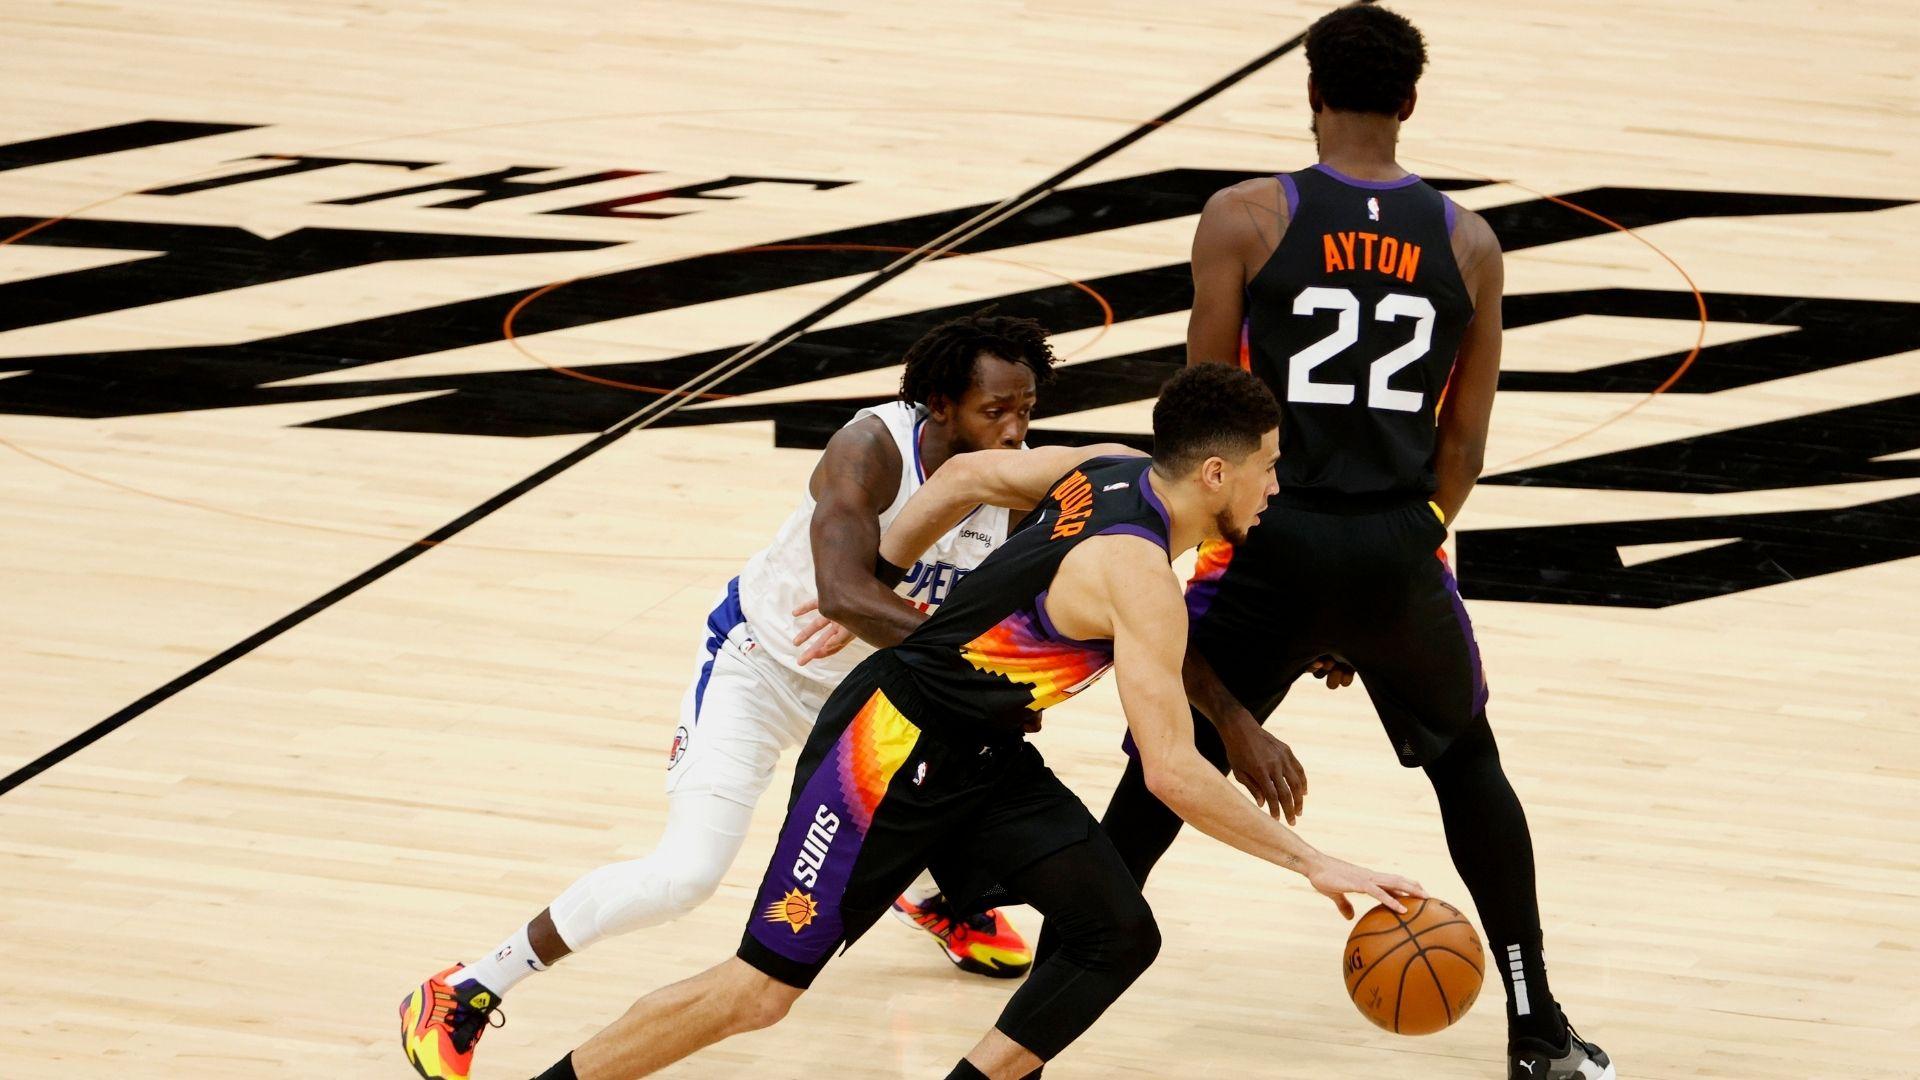 NBA Playoffs 2021: La evolución de Devin Booker como creador de juego y una mirada al pasado | NBA.com México | El sitio oficial de la NBA